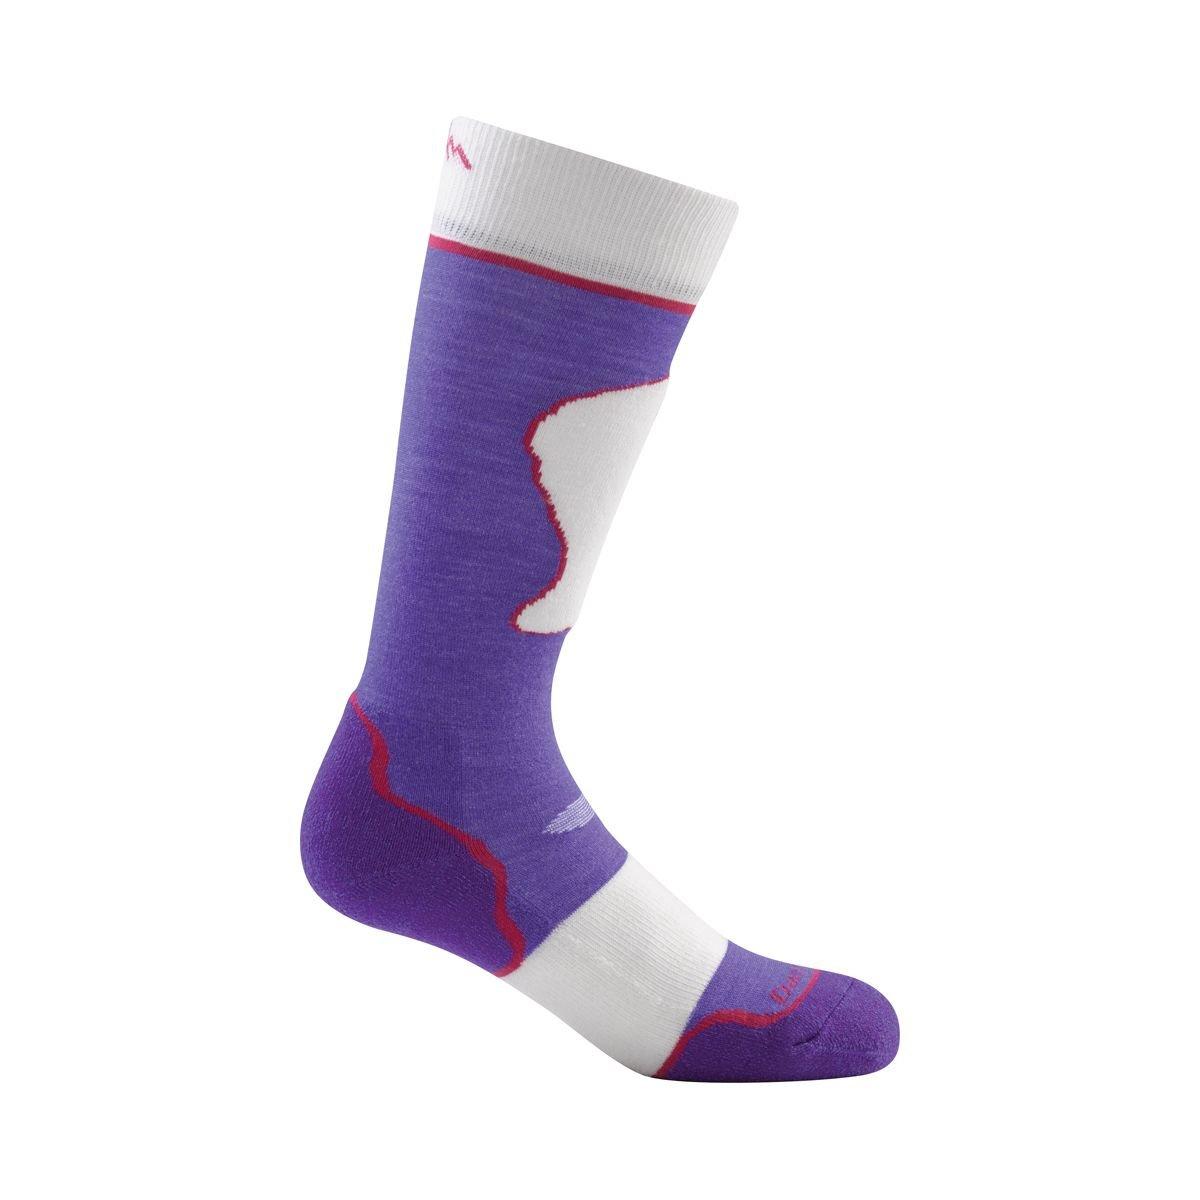 Darn Tough Jr. Over-the-Calf Padded Light Socks